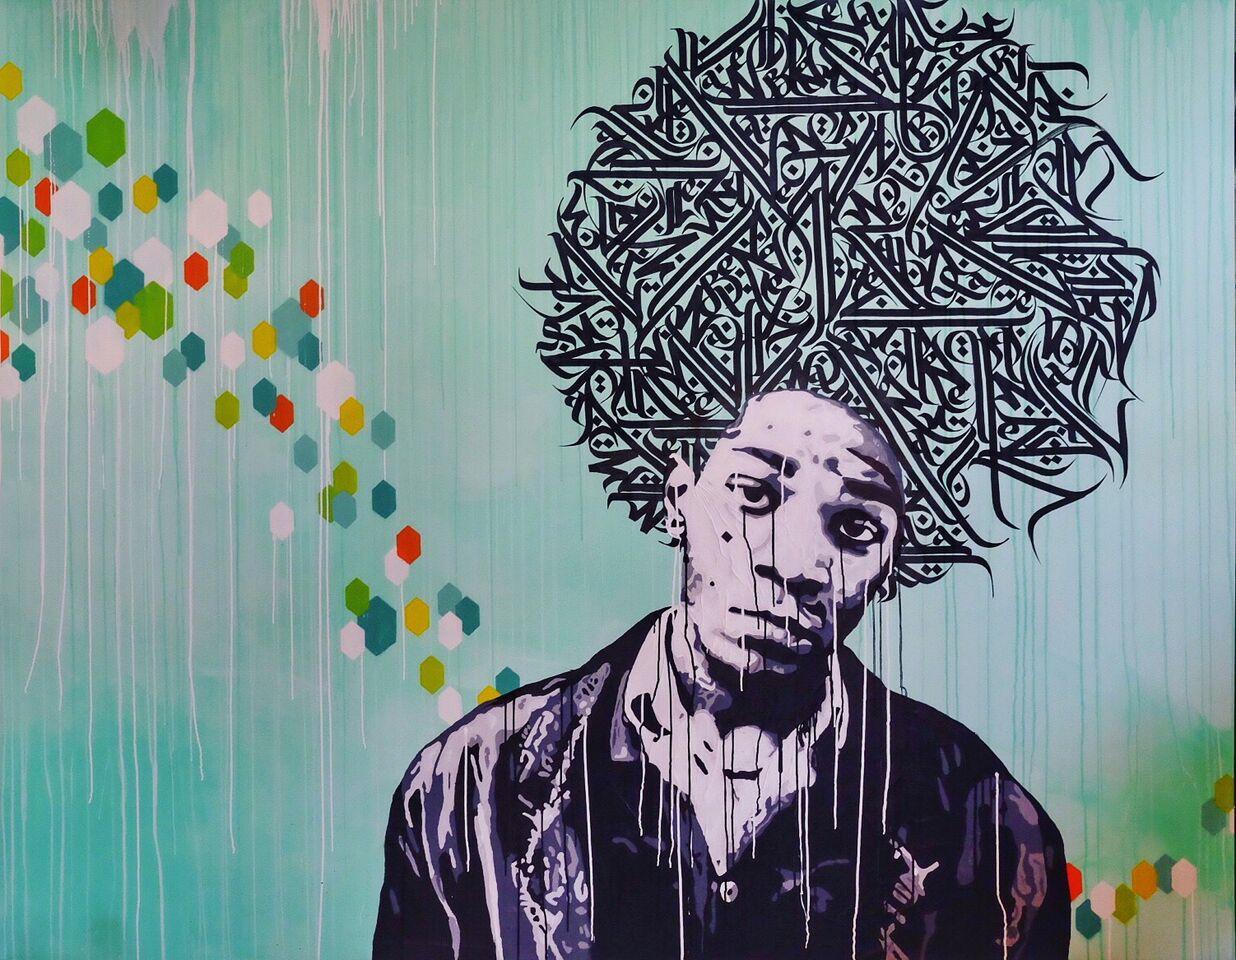 Jean-Michel Basquiat by Yann Chatelin